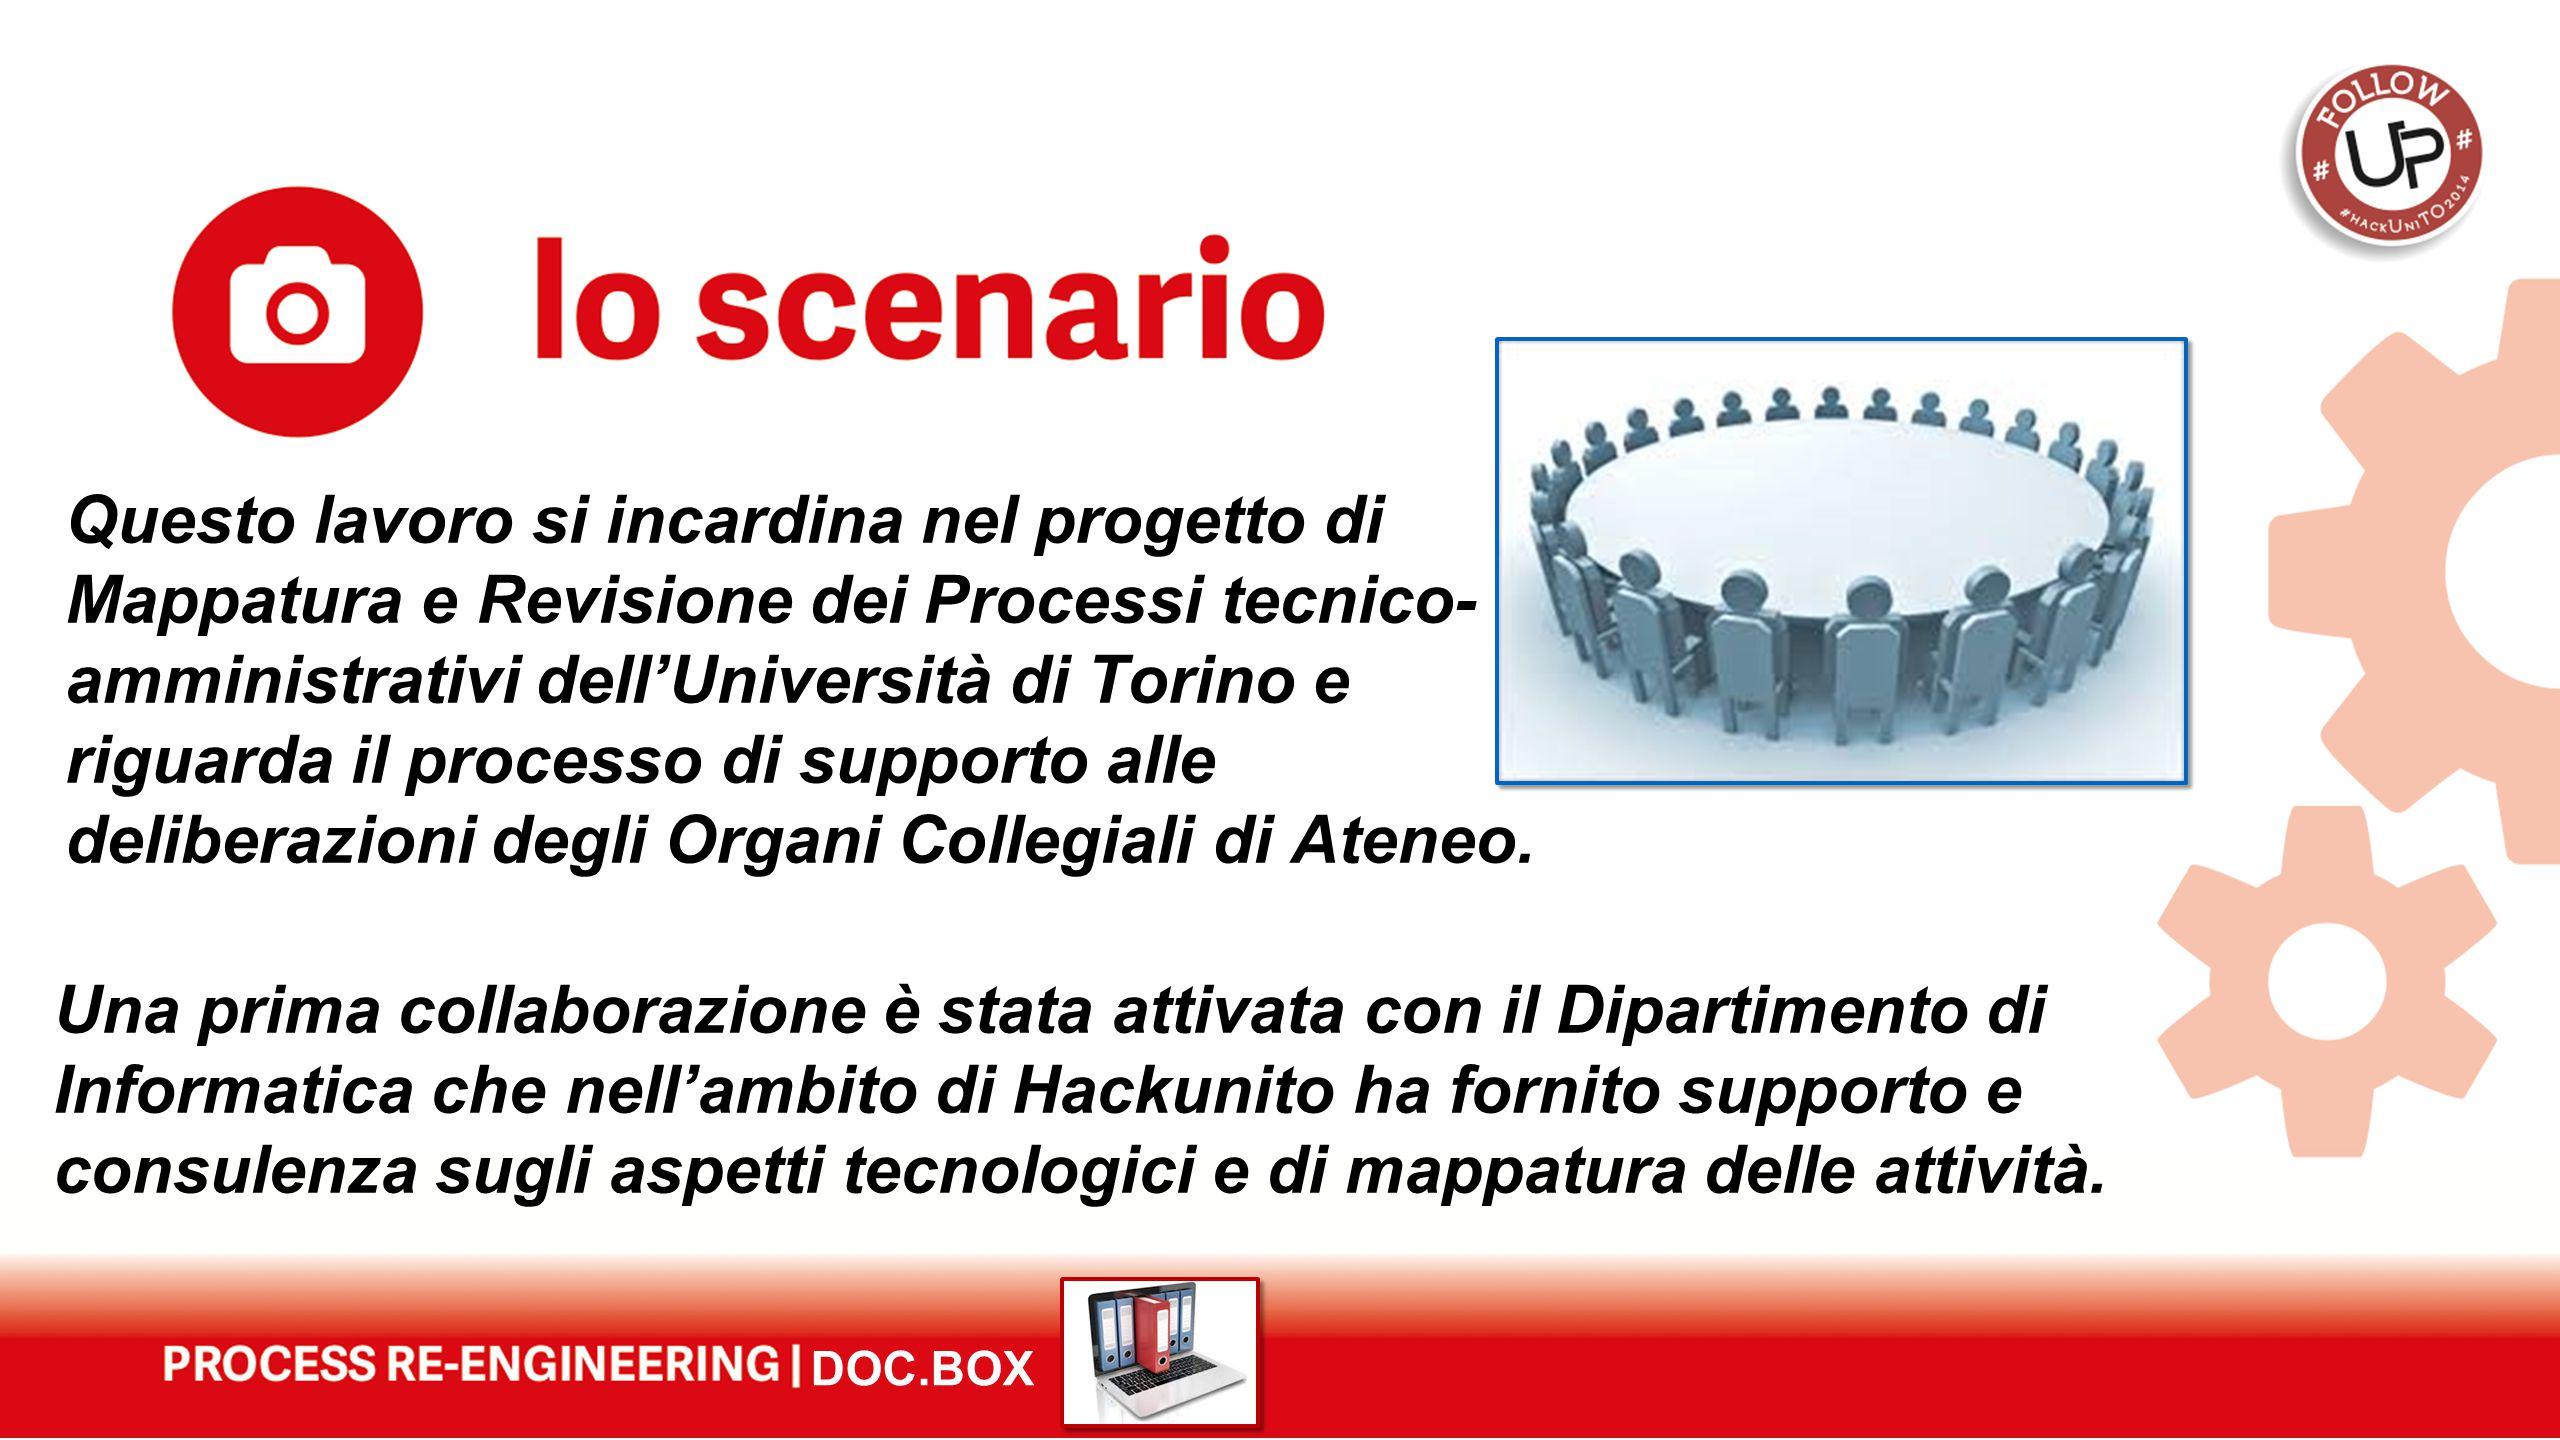 DOC.BOX Una prima collaborazione è stata attivata con il Dipartimento di Informatica che nell'ambito di Hackunito ha fornito supporto e consulenza sug